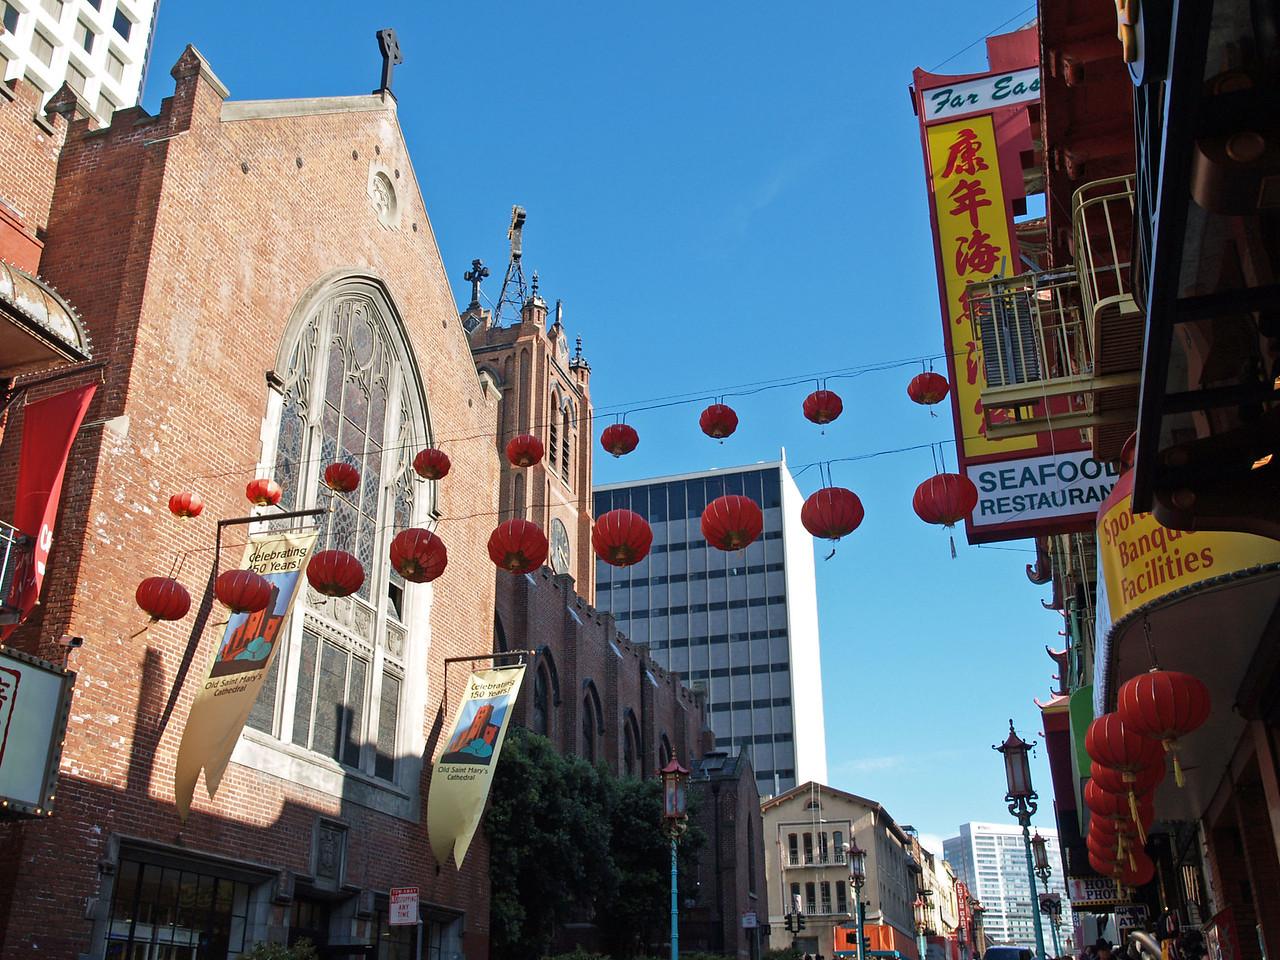 Lanterns hanging in Chinatown